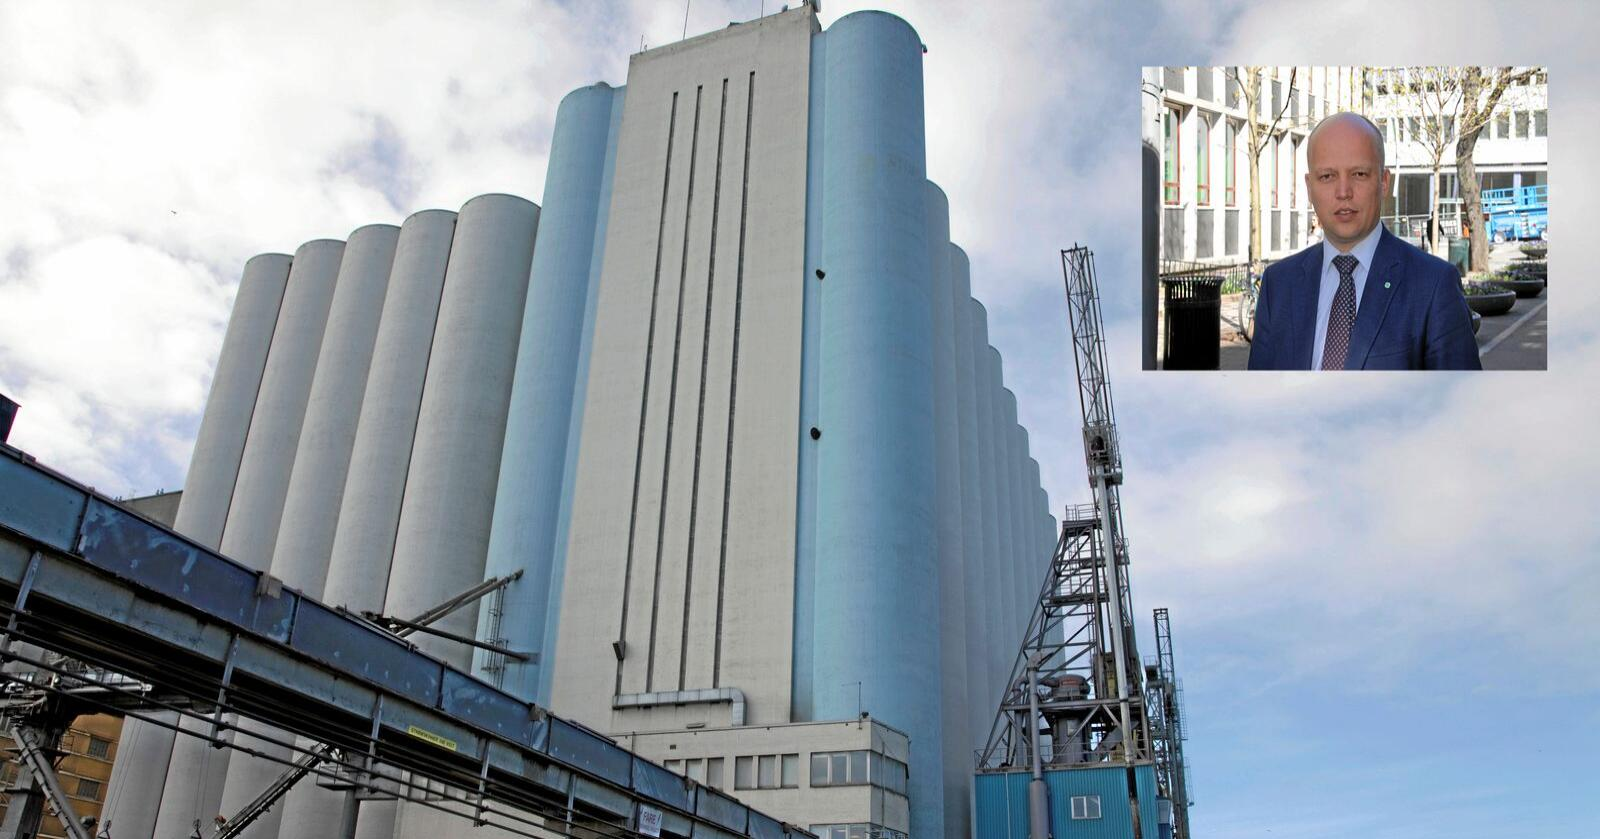 Landets desidert største kornlager, Stavanger Havnesilo, kan bli omregulert og solgt. Foto: Norgain